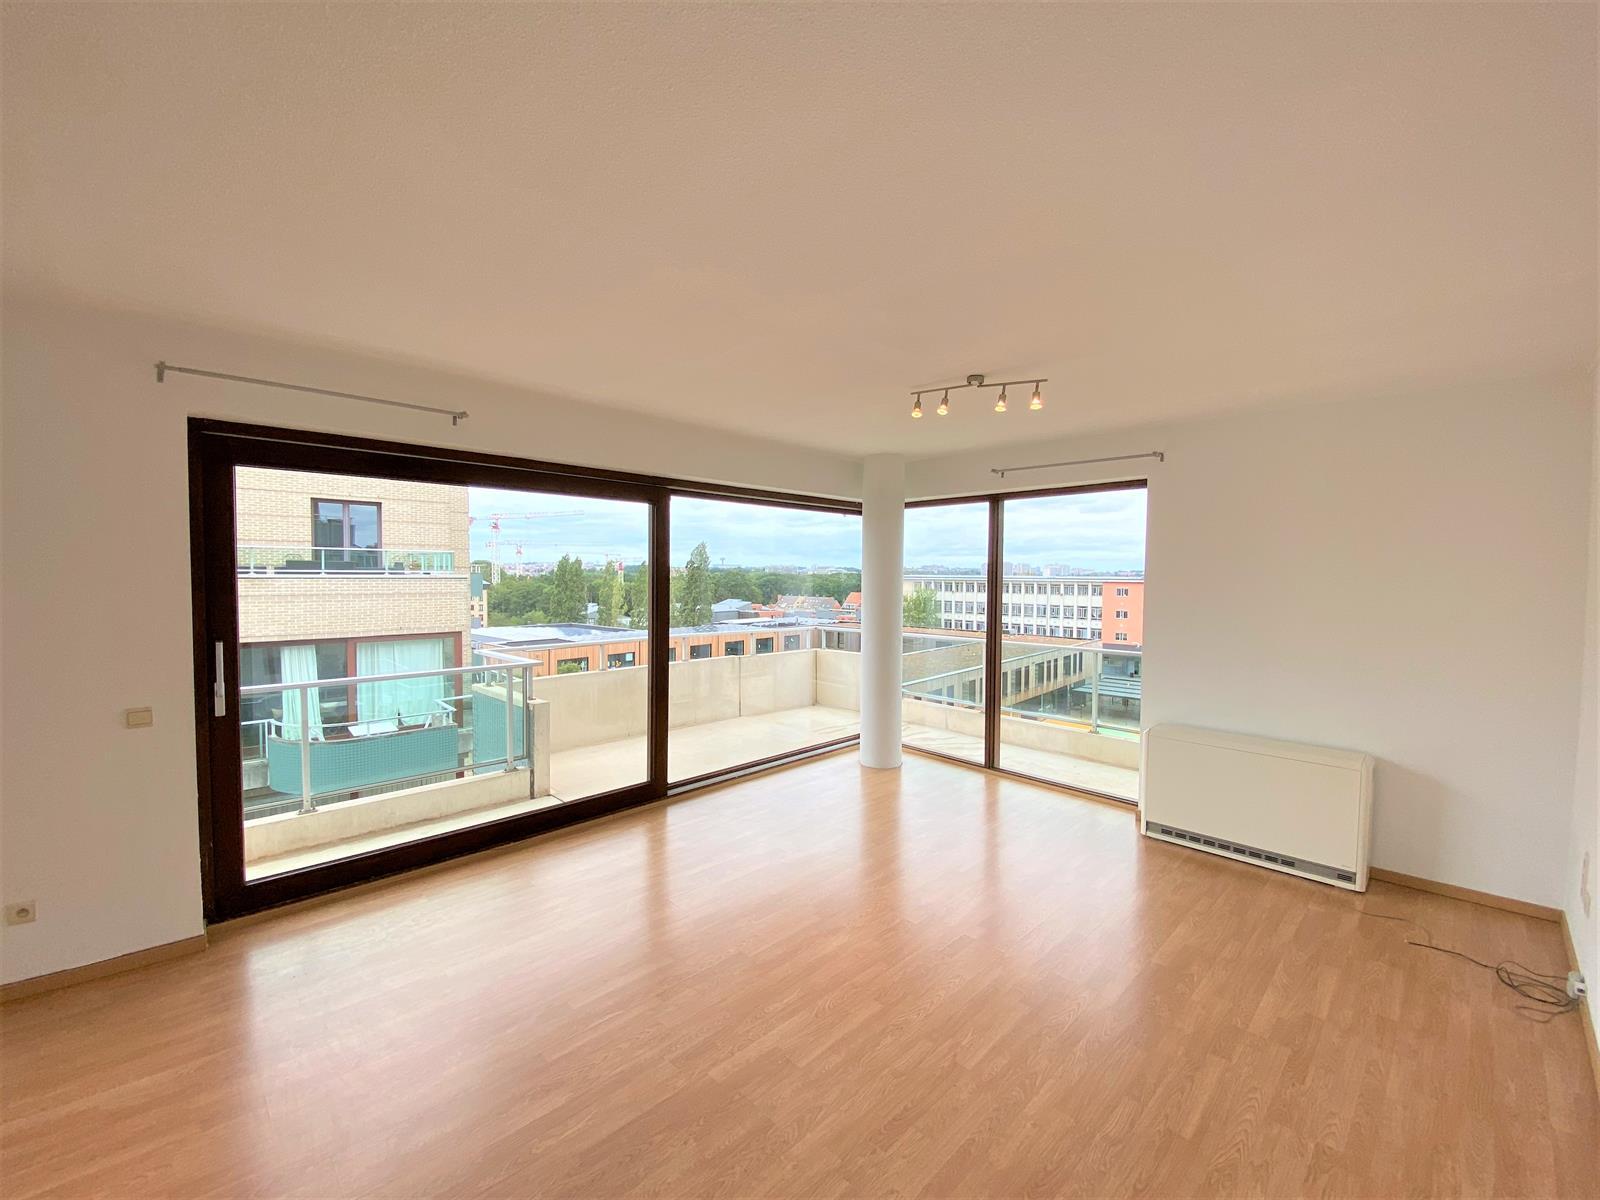 Appartement - Woluwe-Saint-Pierre - #4146297-5